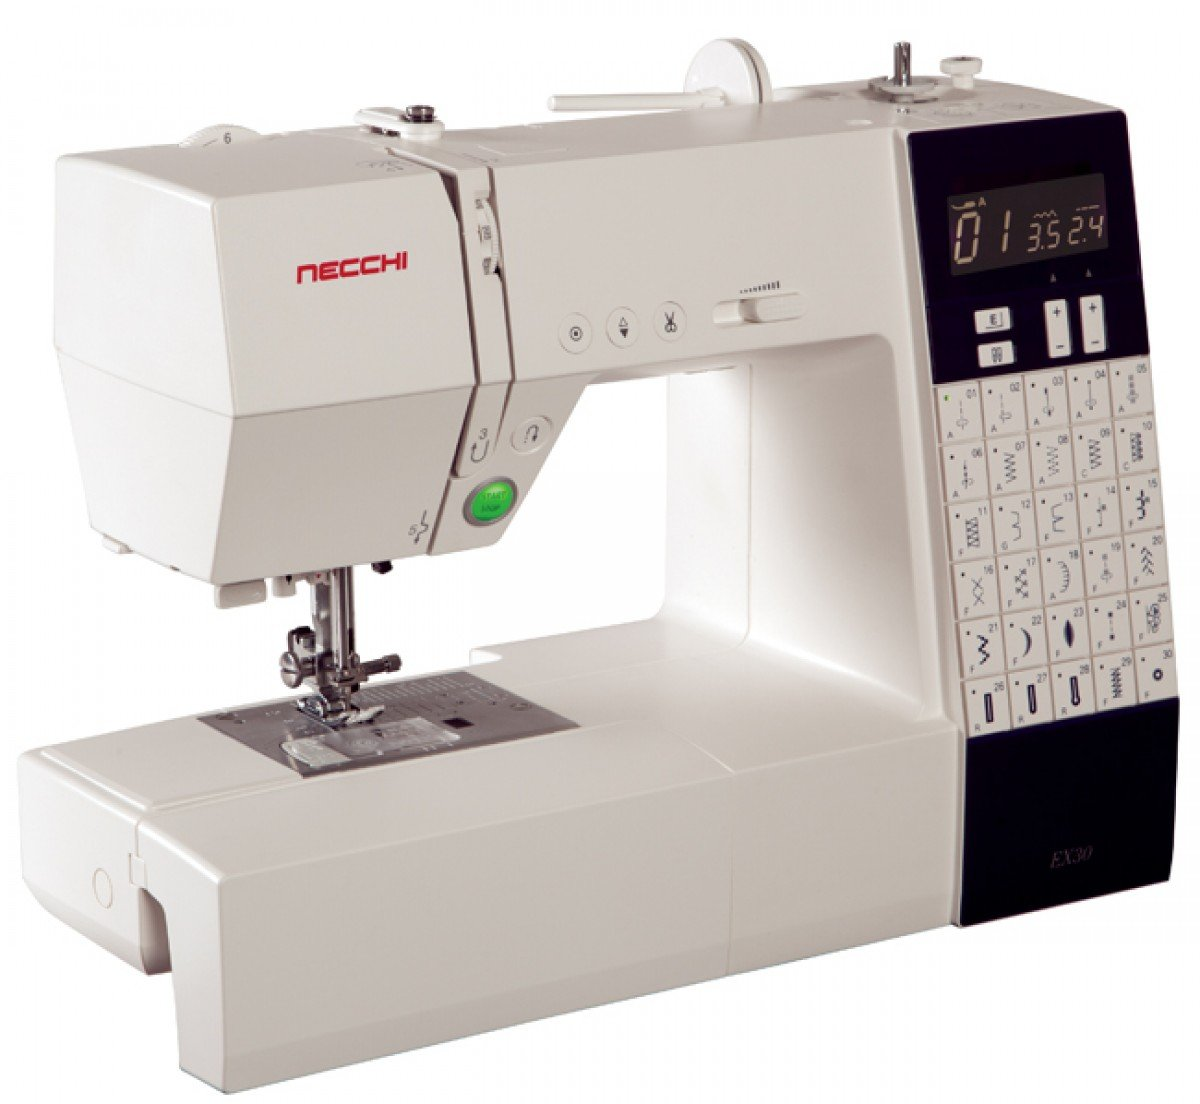 Necchi EX30 Quilting and Sewing Machine